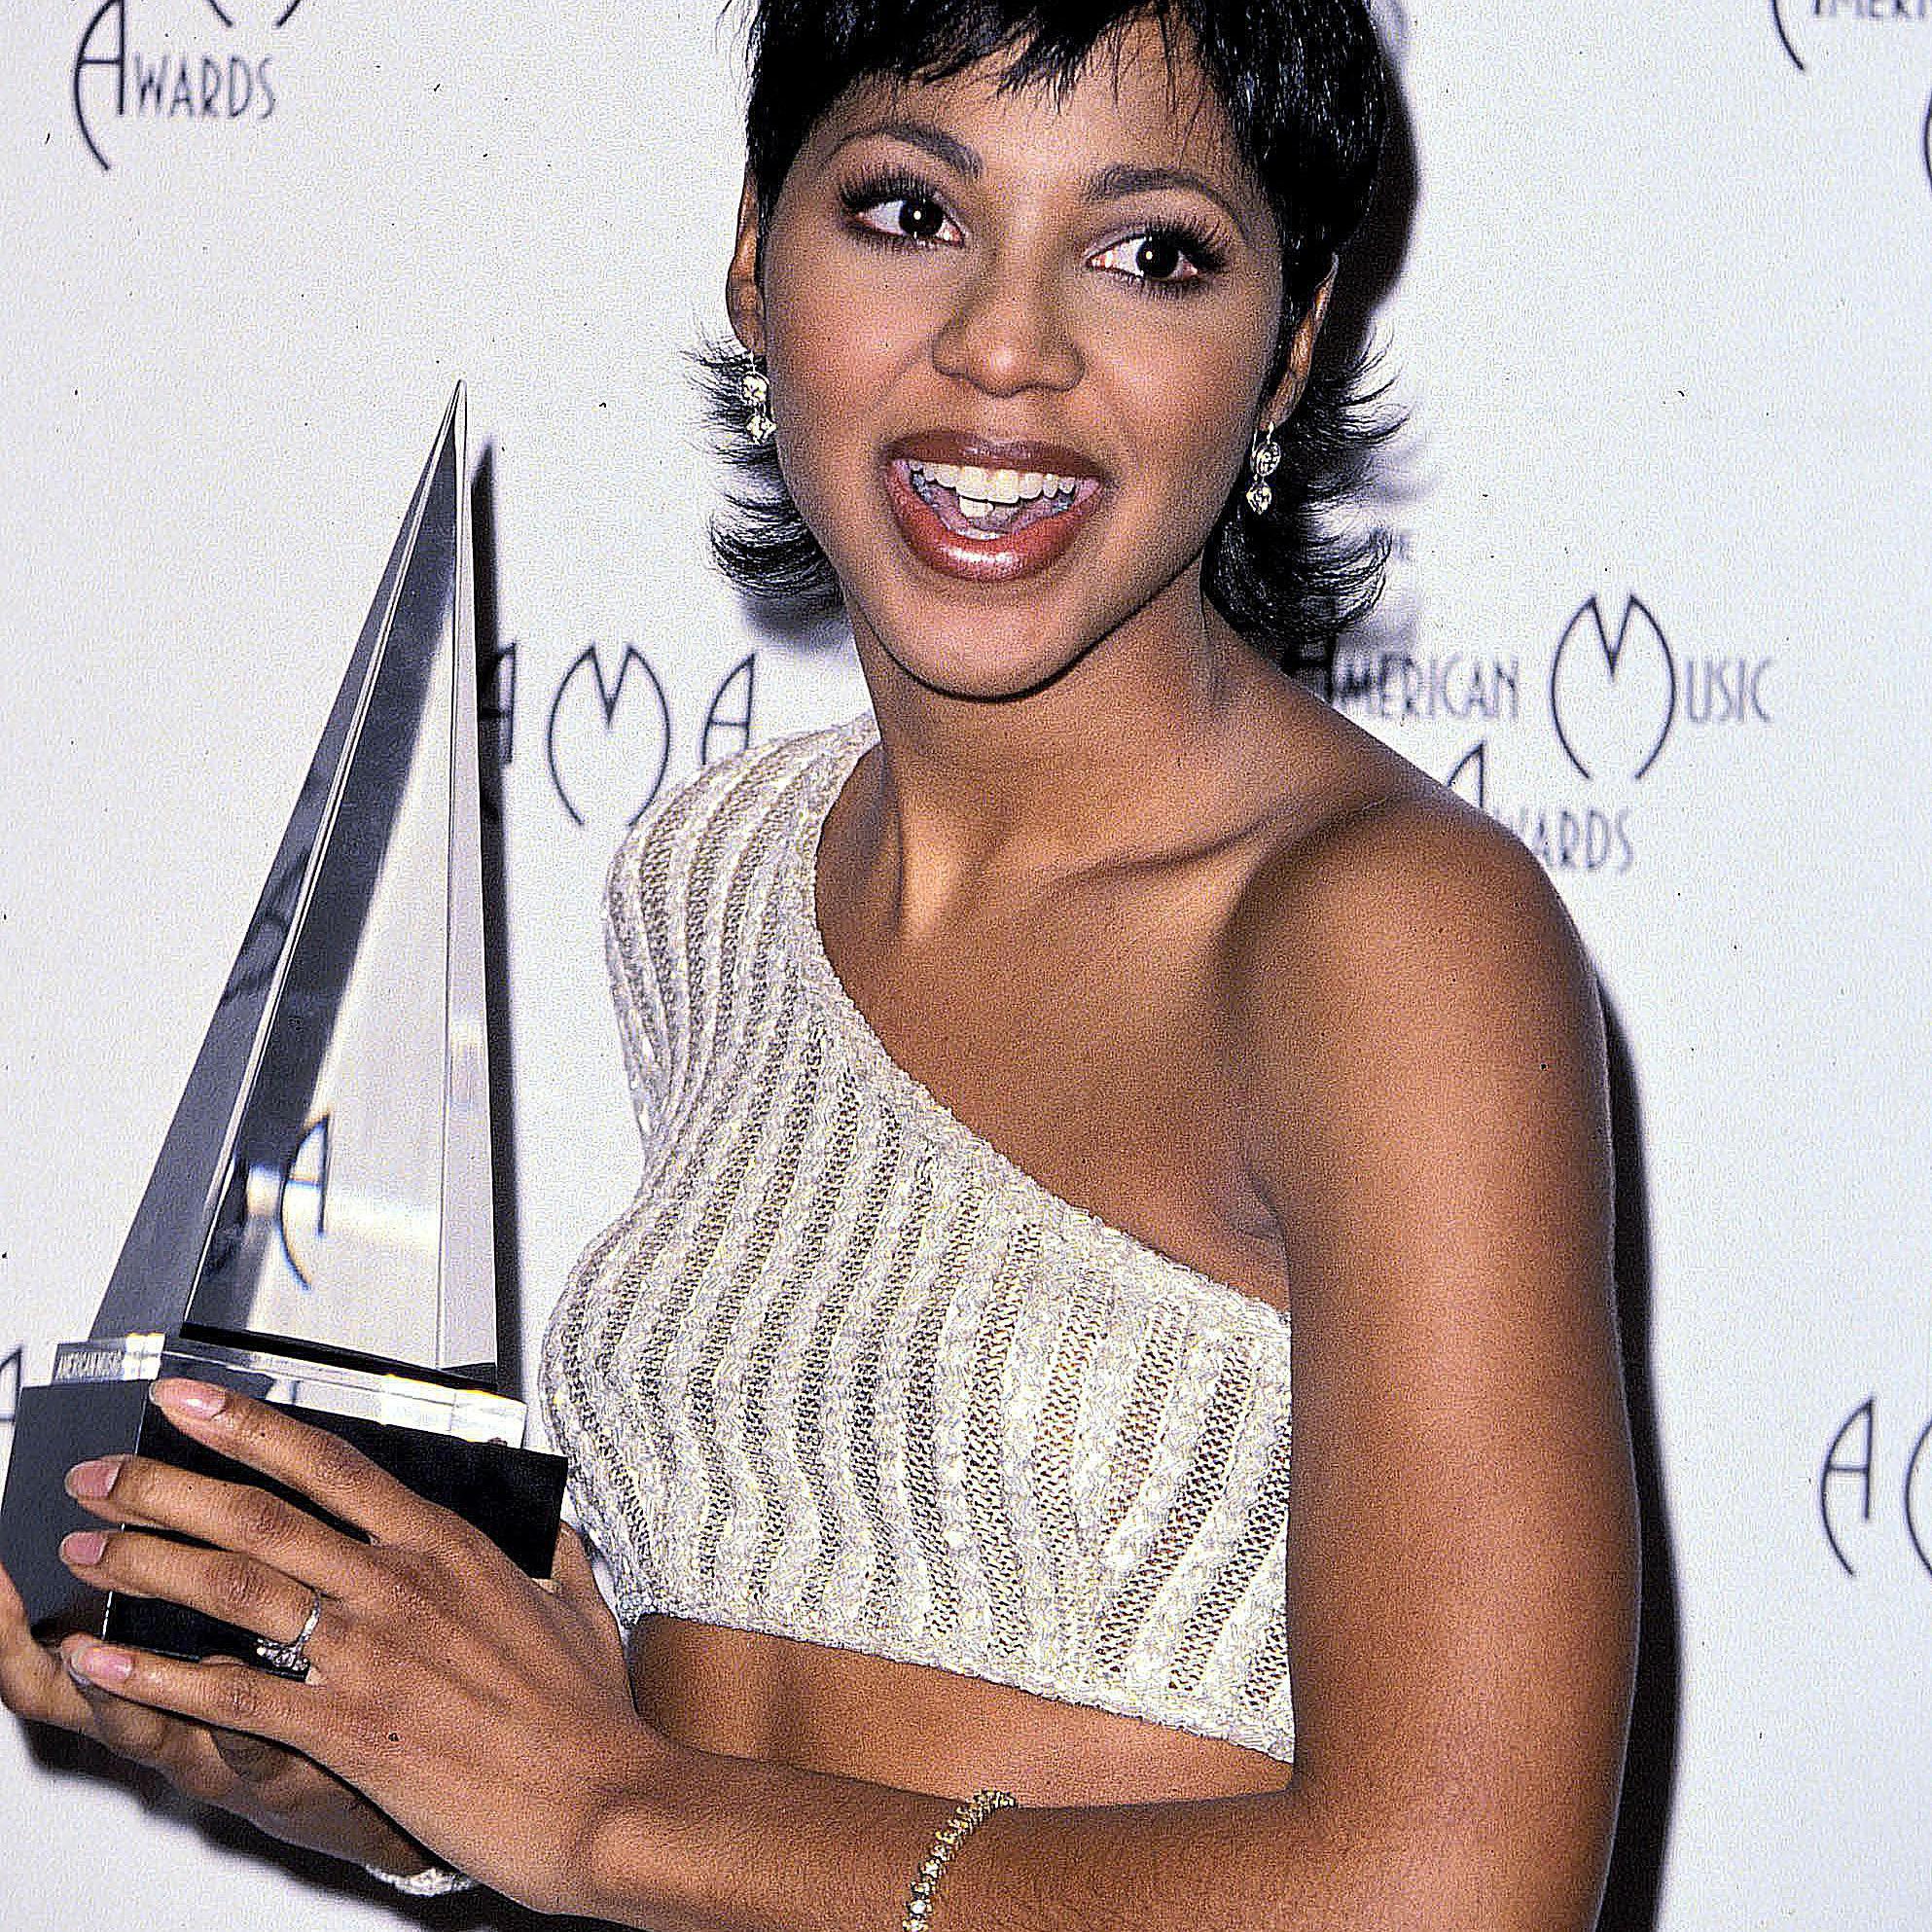 Toni Braxton accepting an American music award